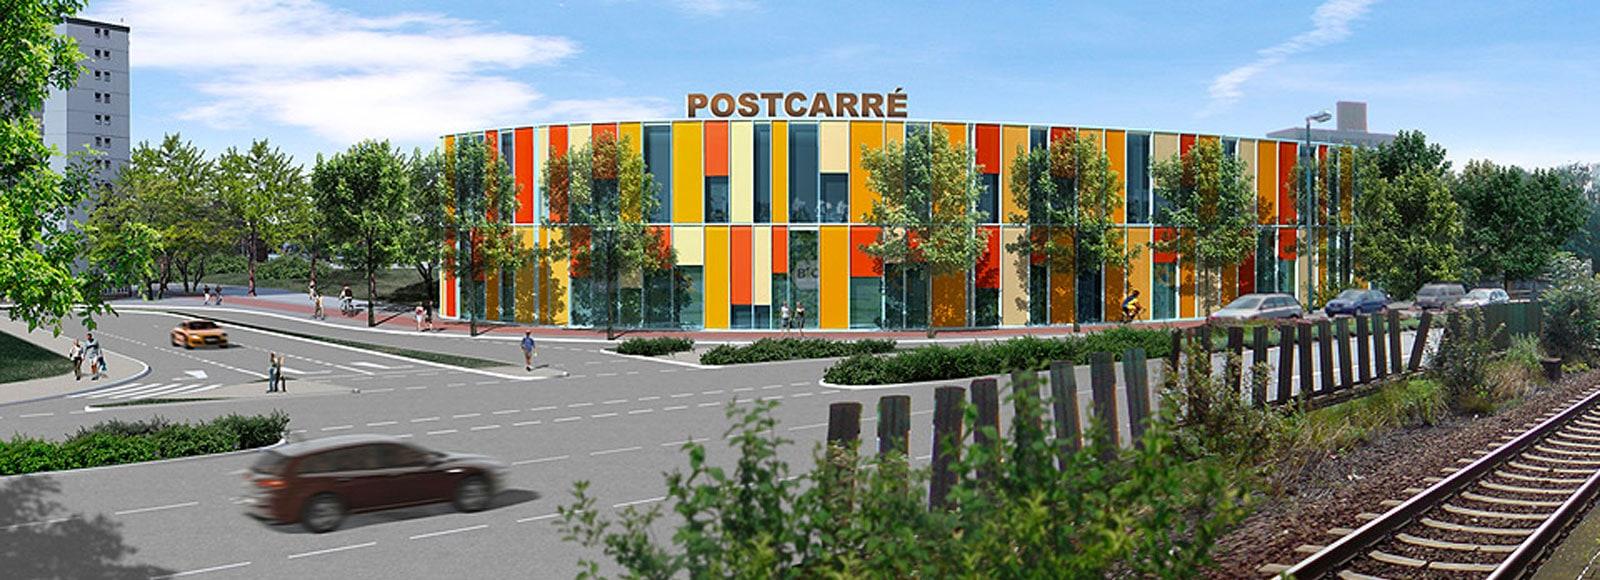 Postcarré Hanau